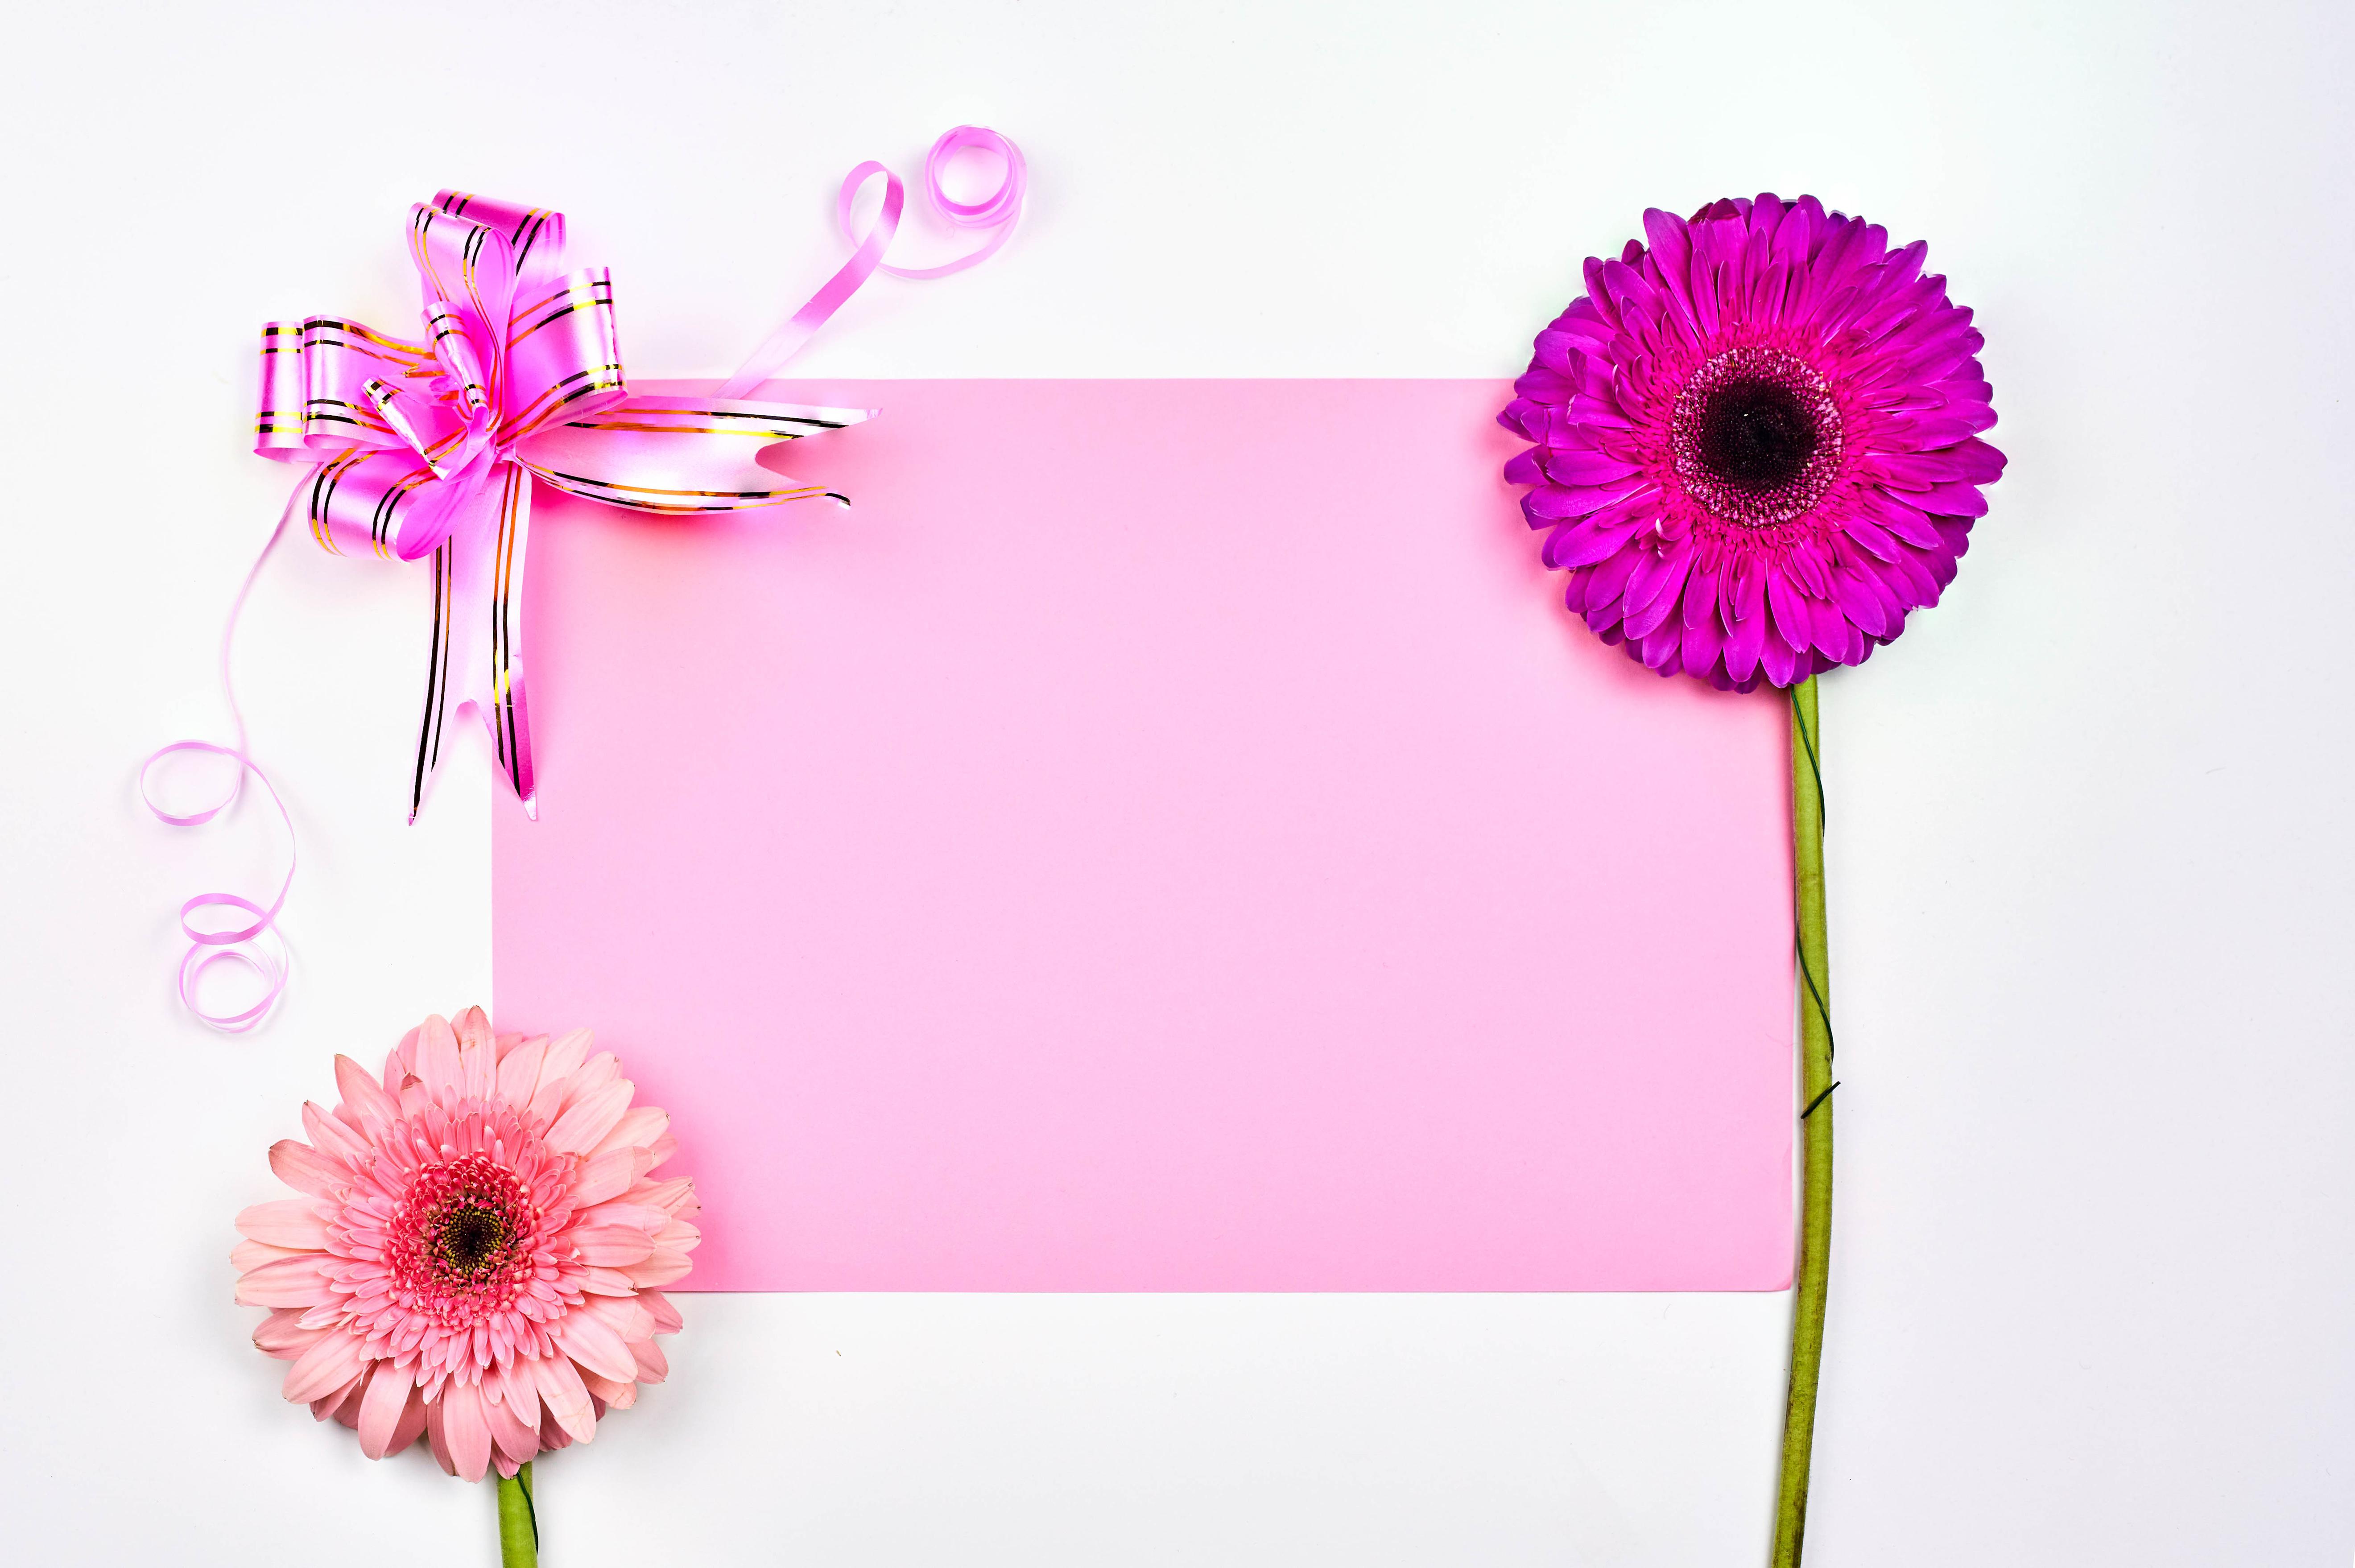 Фотографии День всех влюблённых Лист бумаги Герберы Цветы Бантик Шаблон поздравительной открытки Белый фон 5280x3516 День святого Валентина гербера цветок бант бантики белом фоне белым фоном